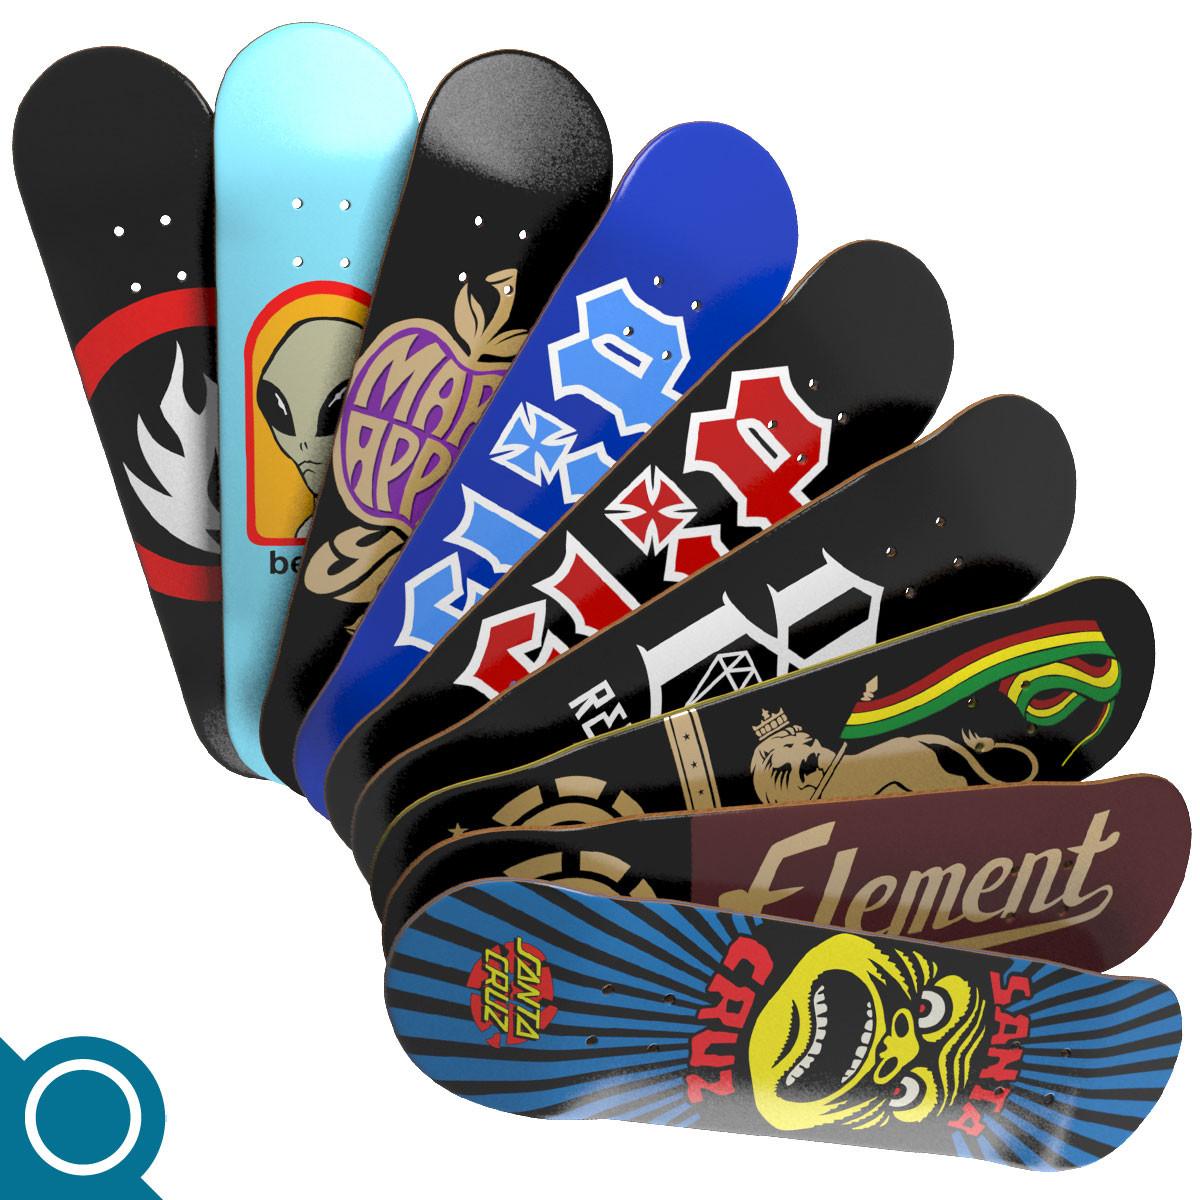 SkateboardsCaratula.jpg